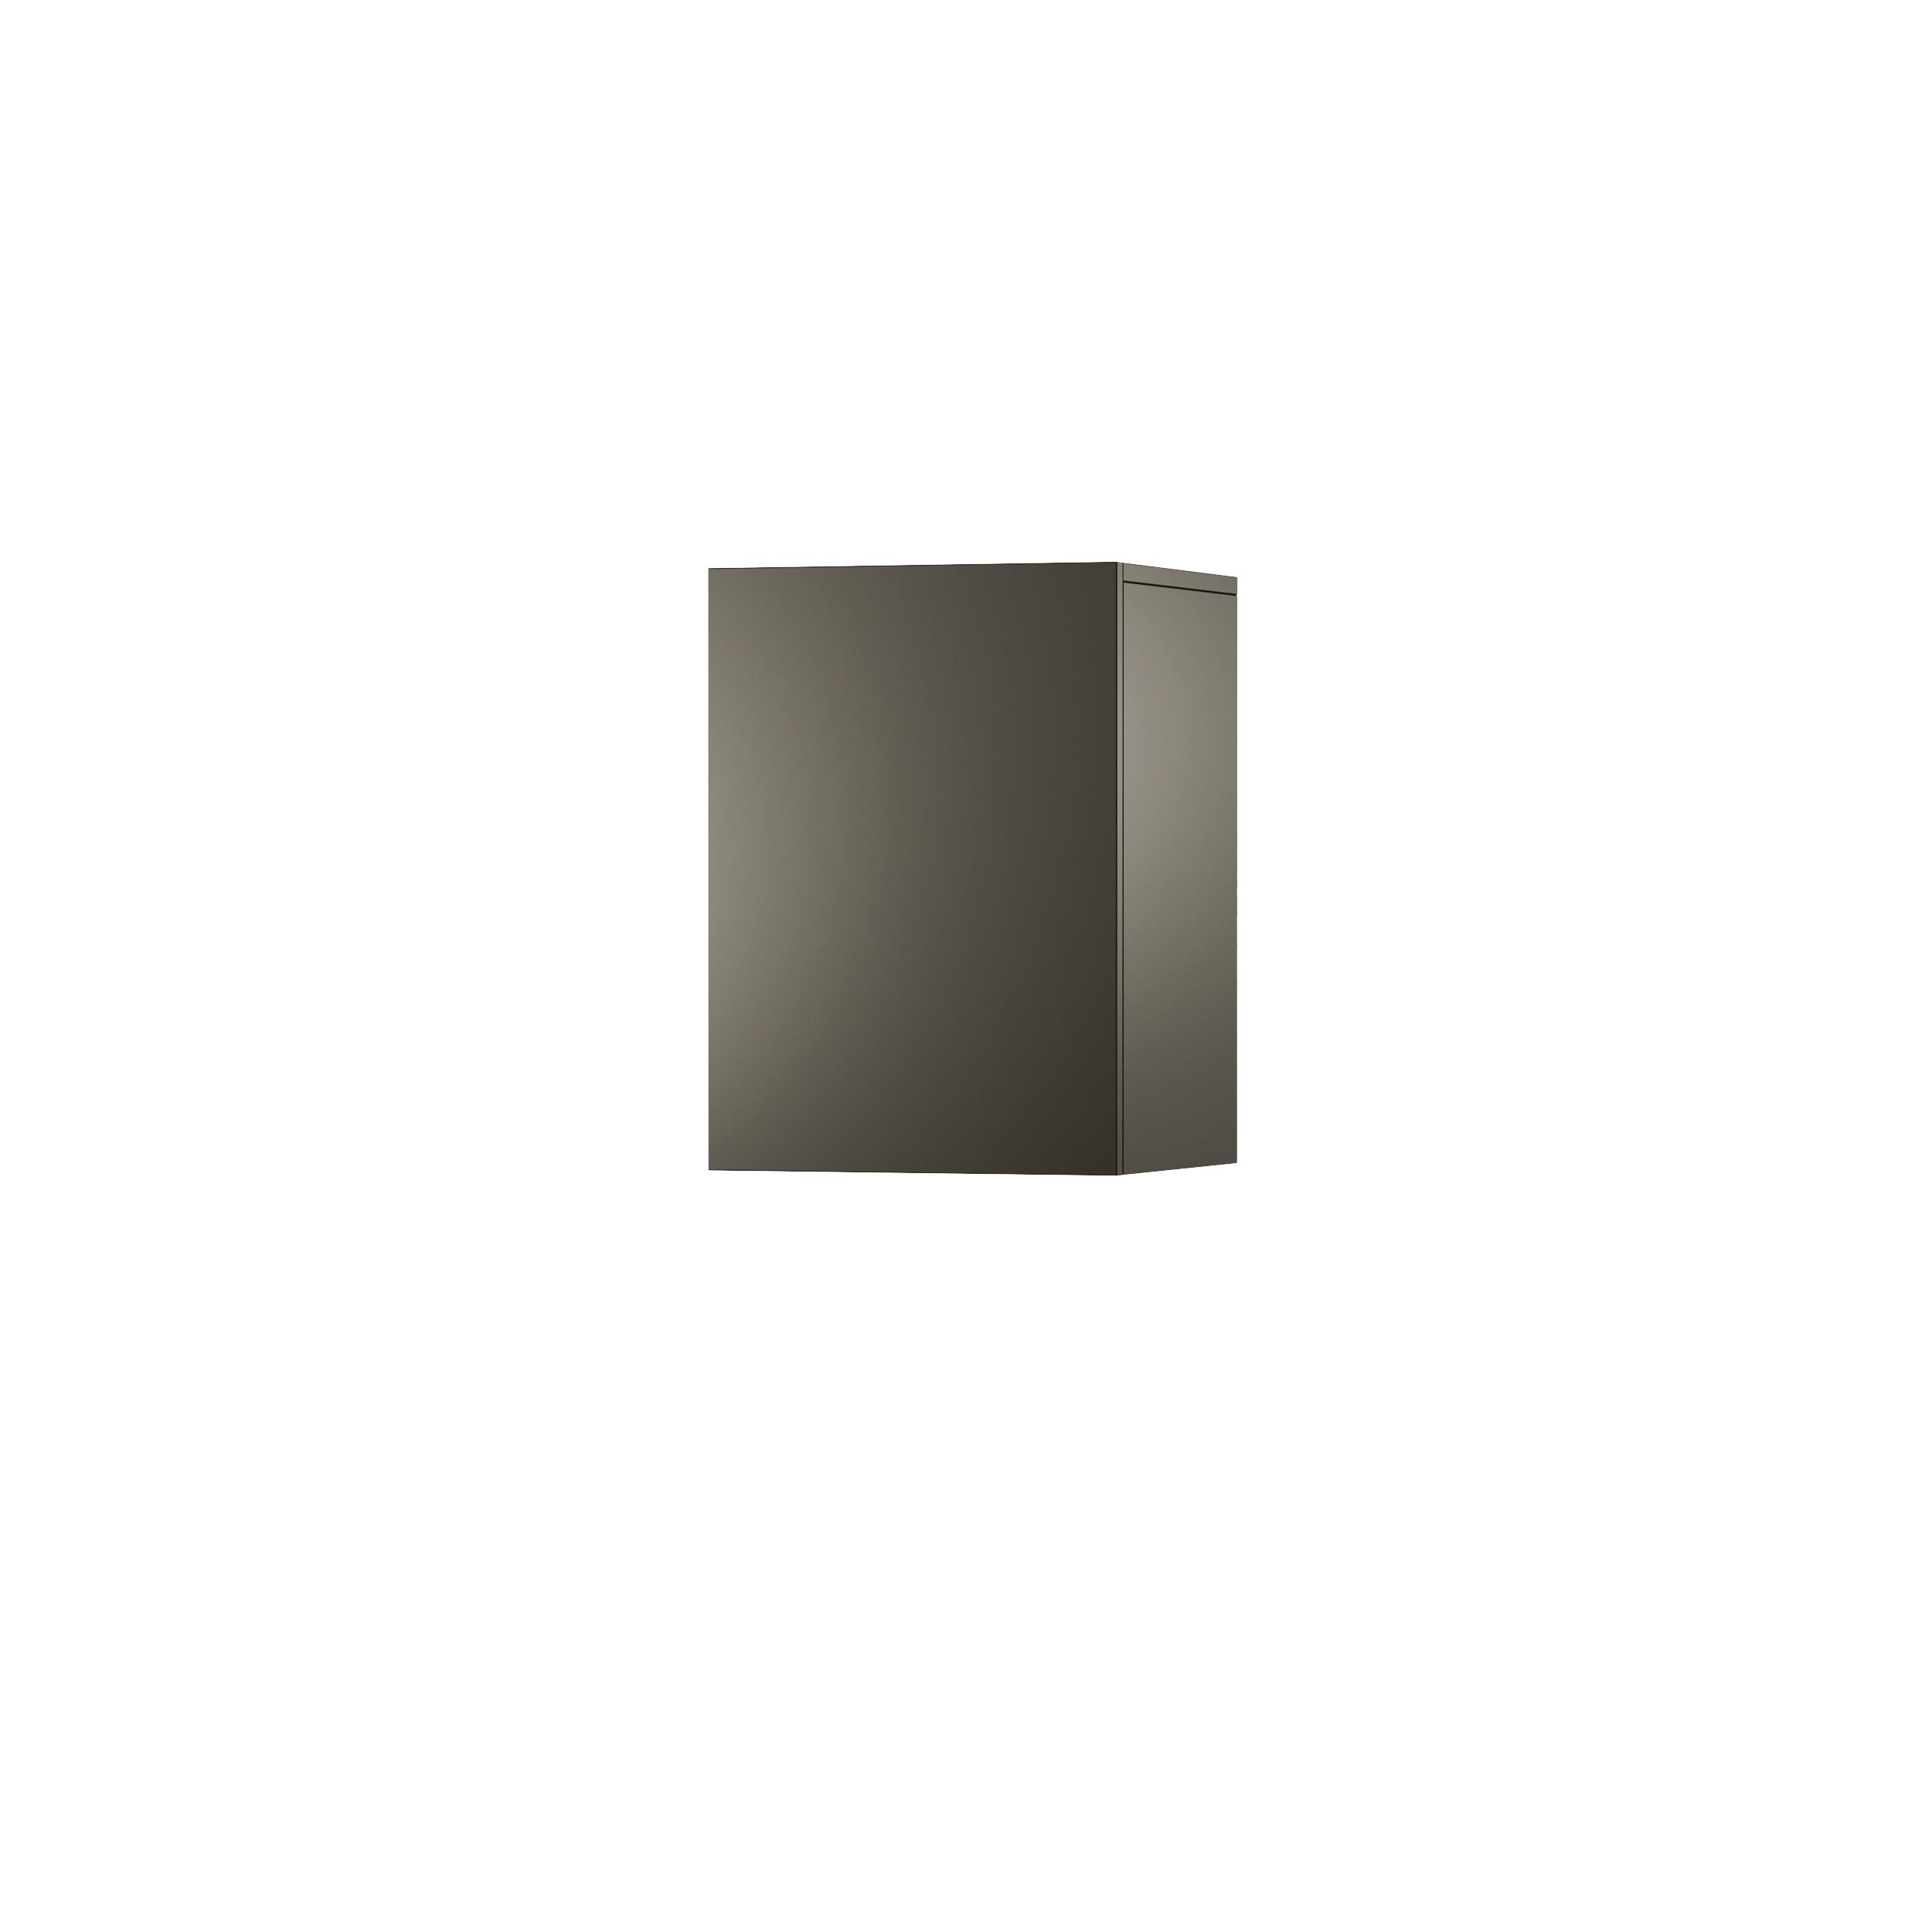 Dulap Modular Grafit - 10288